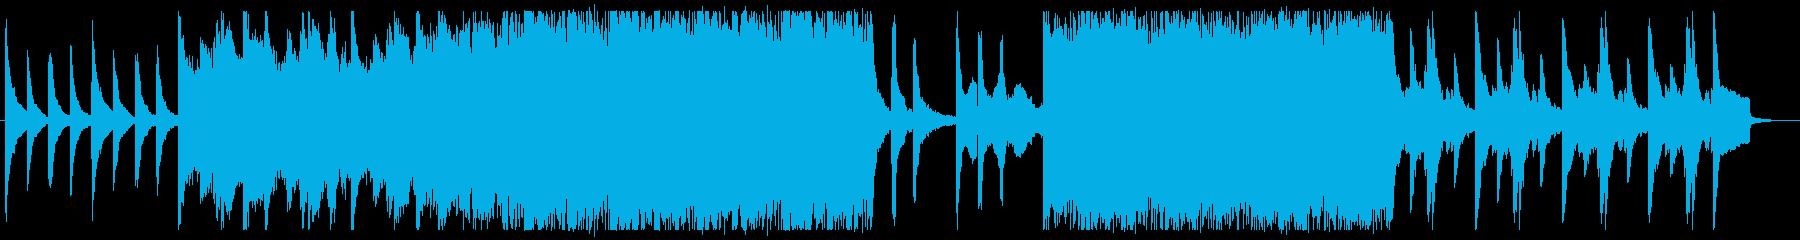 主旋律がストリングのポップロックの再生済みの波形